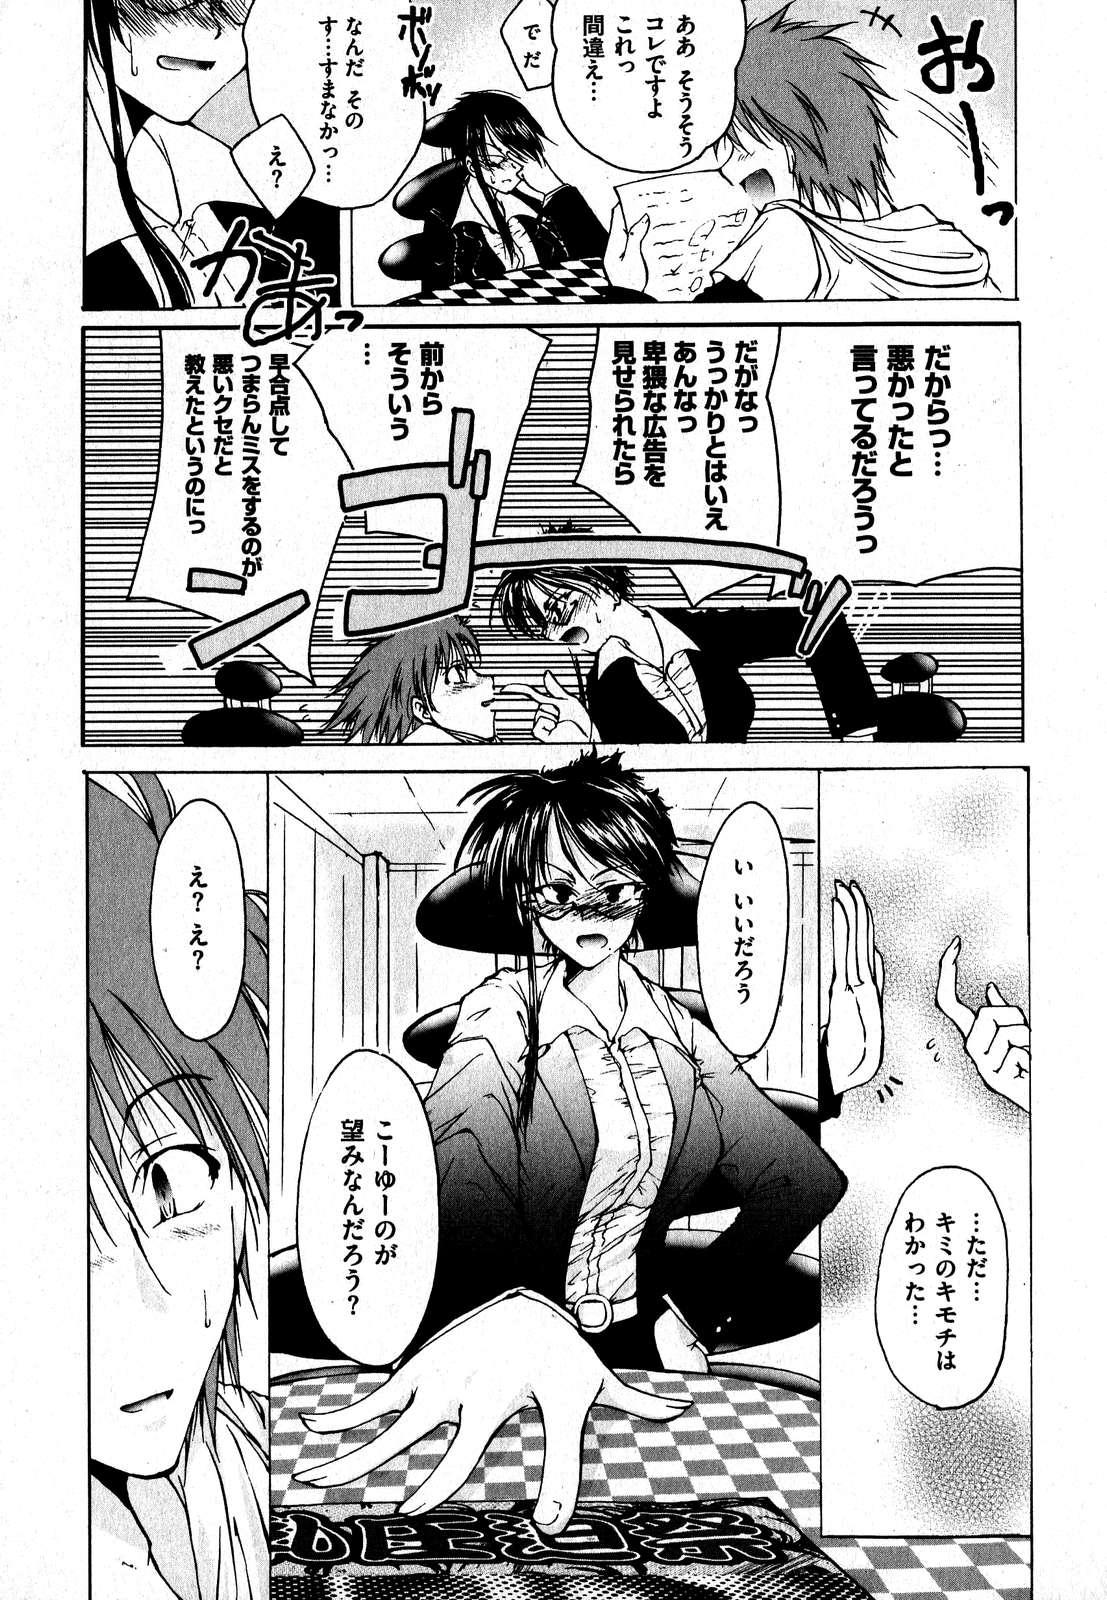 COMIC XO 2007-09 Vol. 16 188